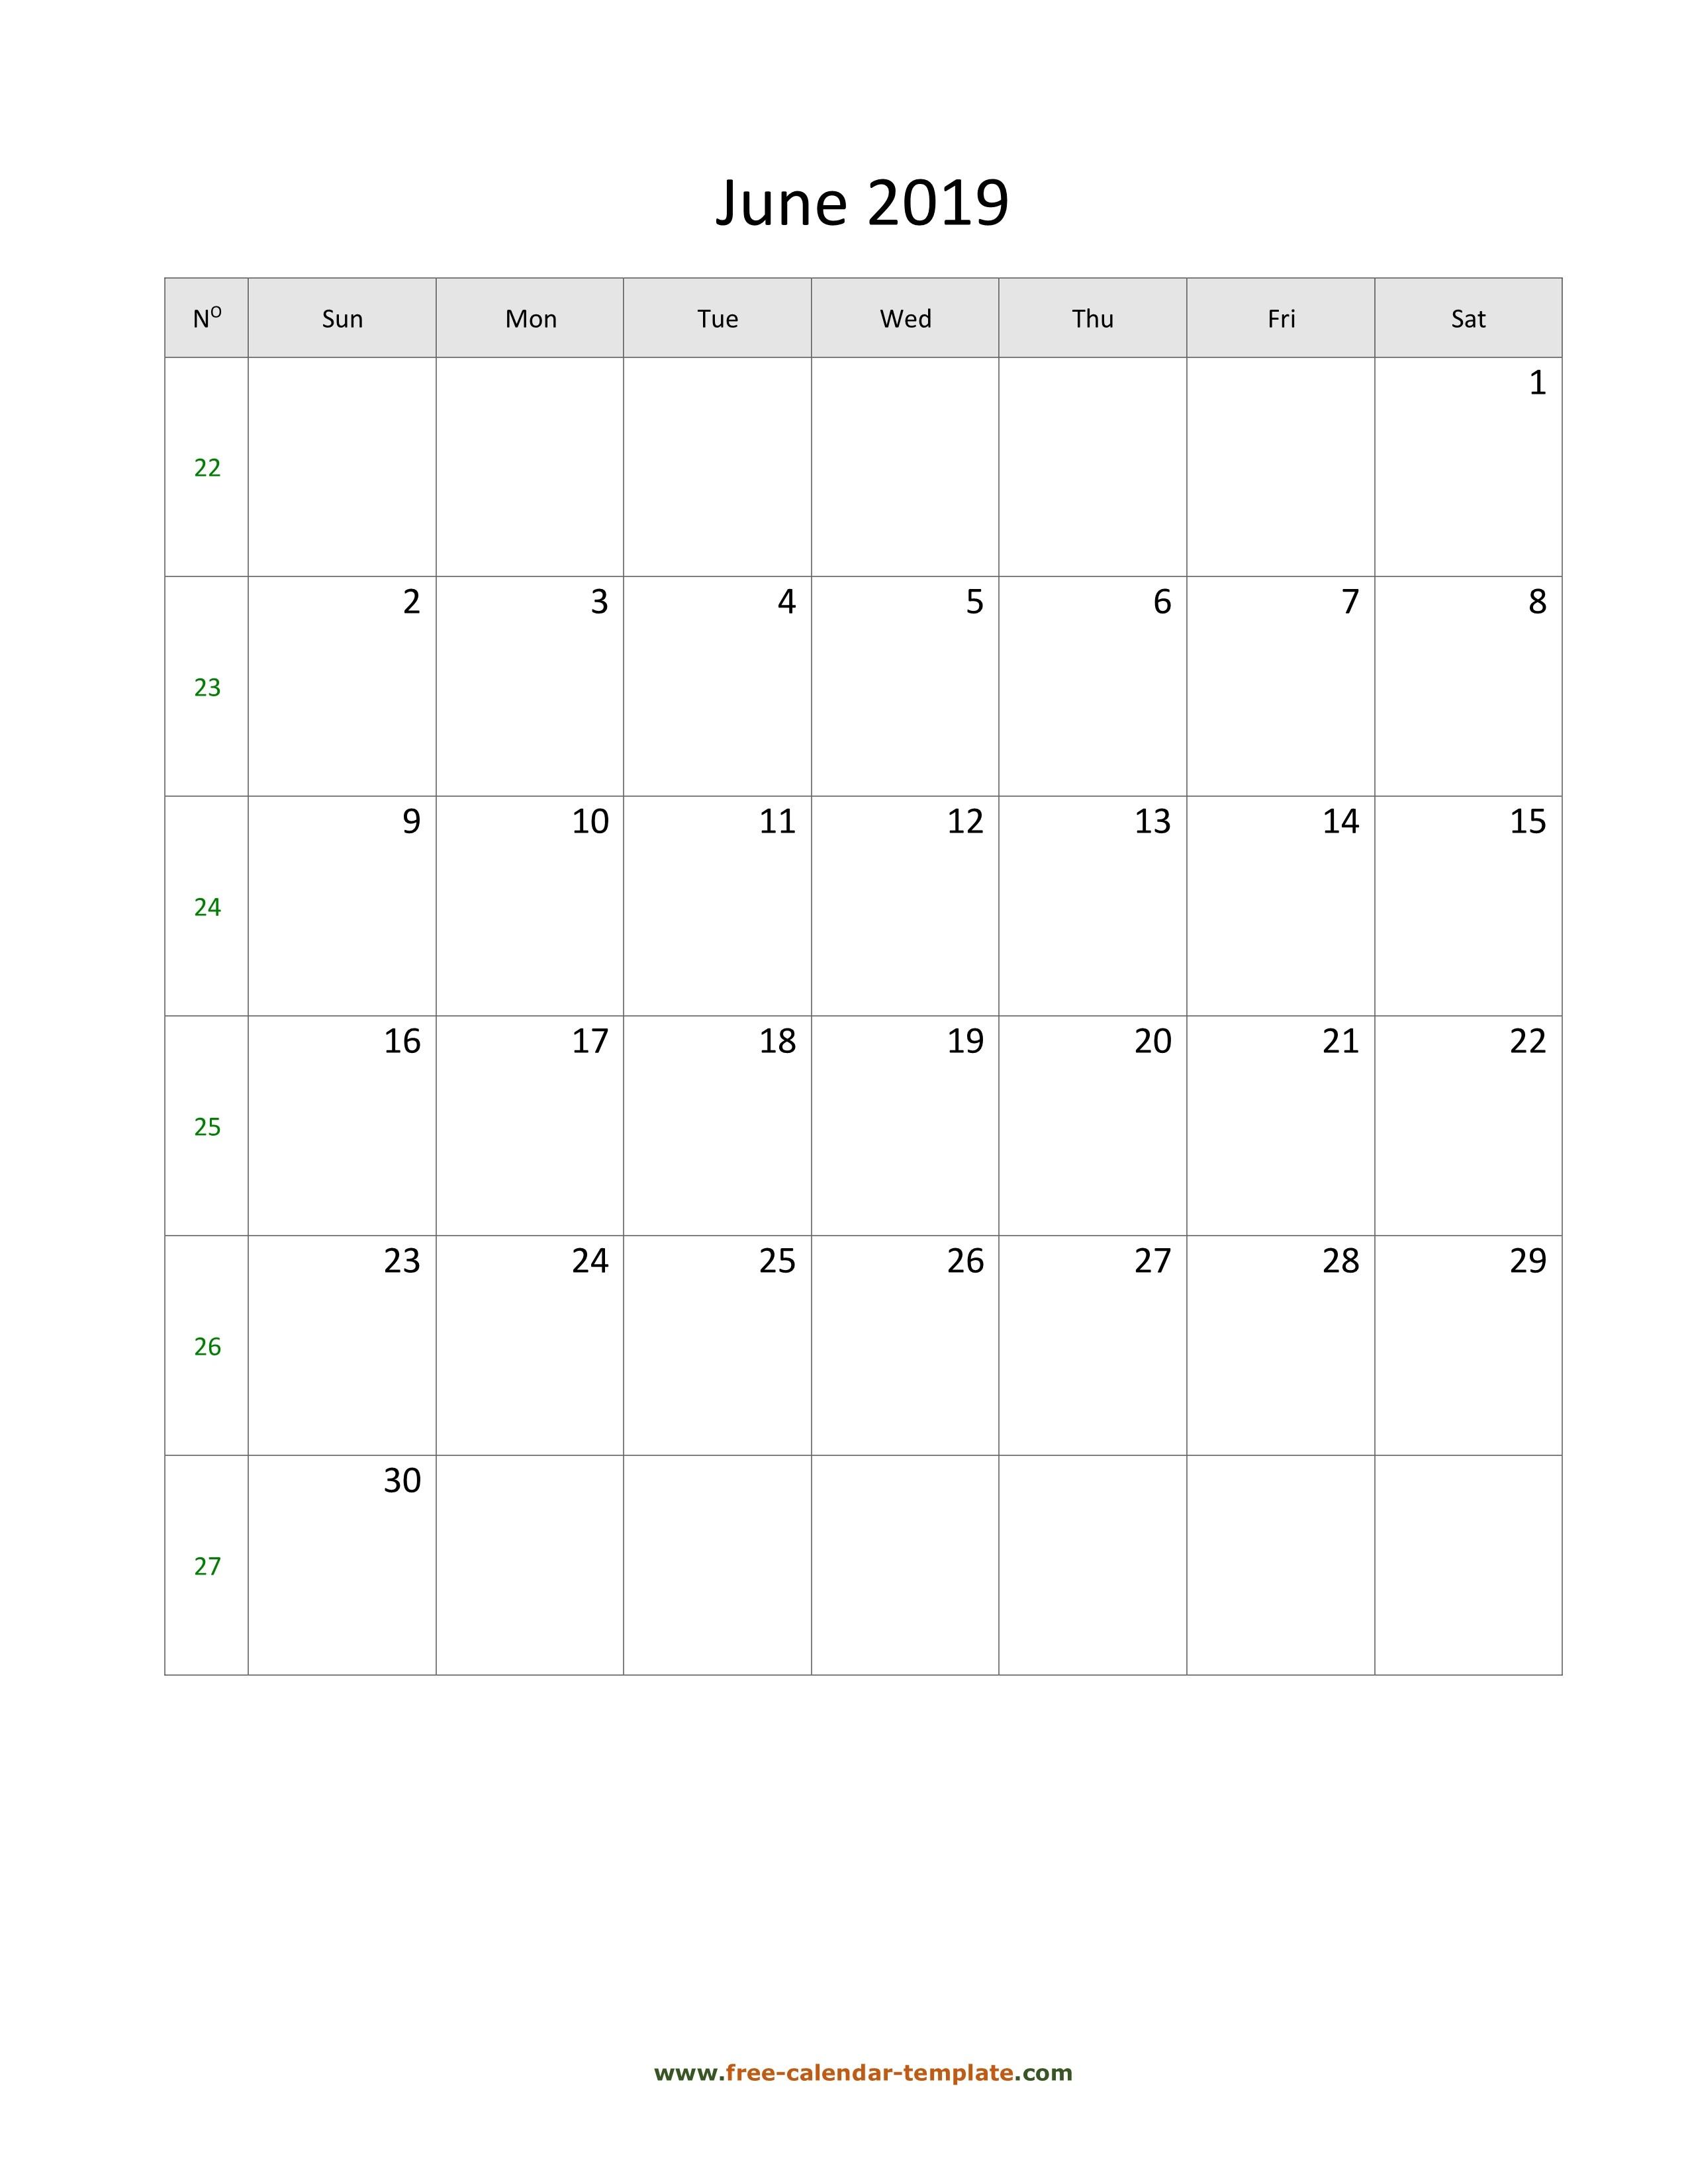 June 2020 Calendar Printable June 2019 Free Calendar Tempplate